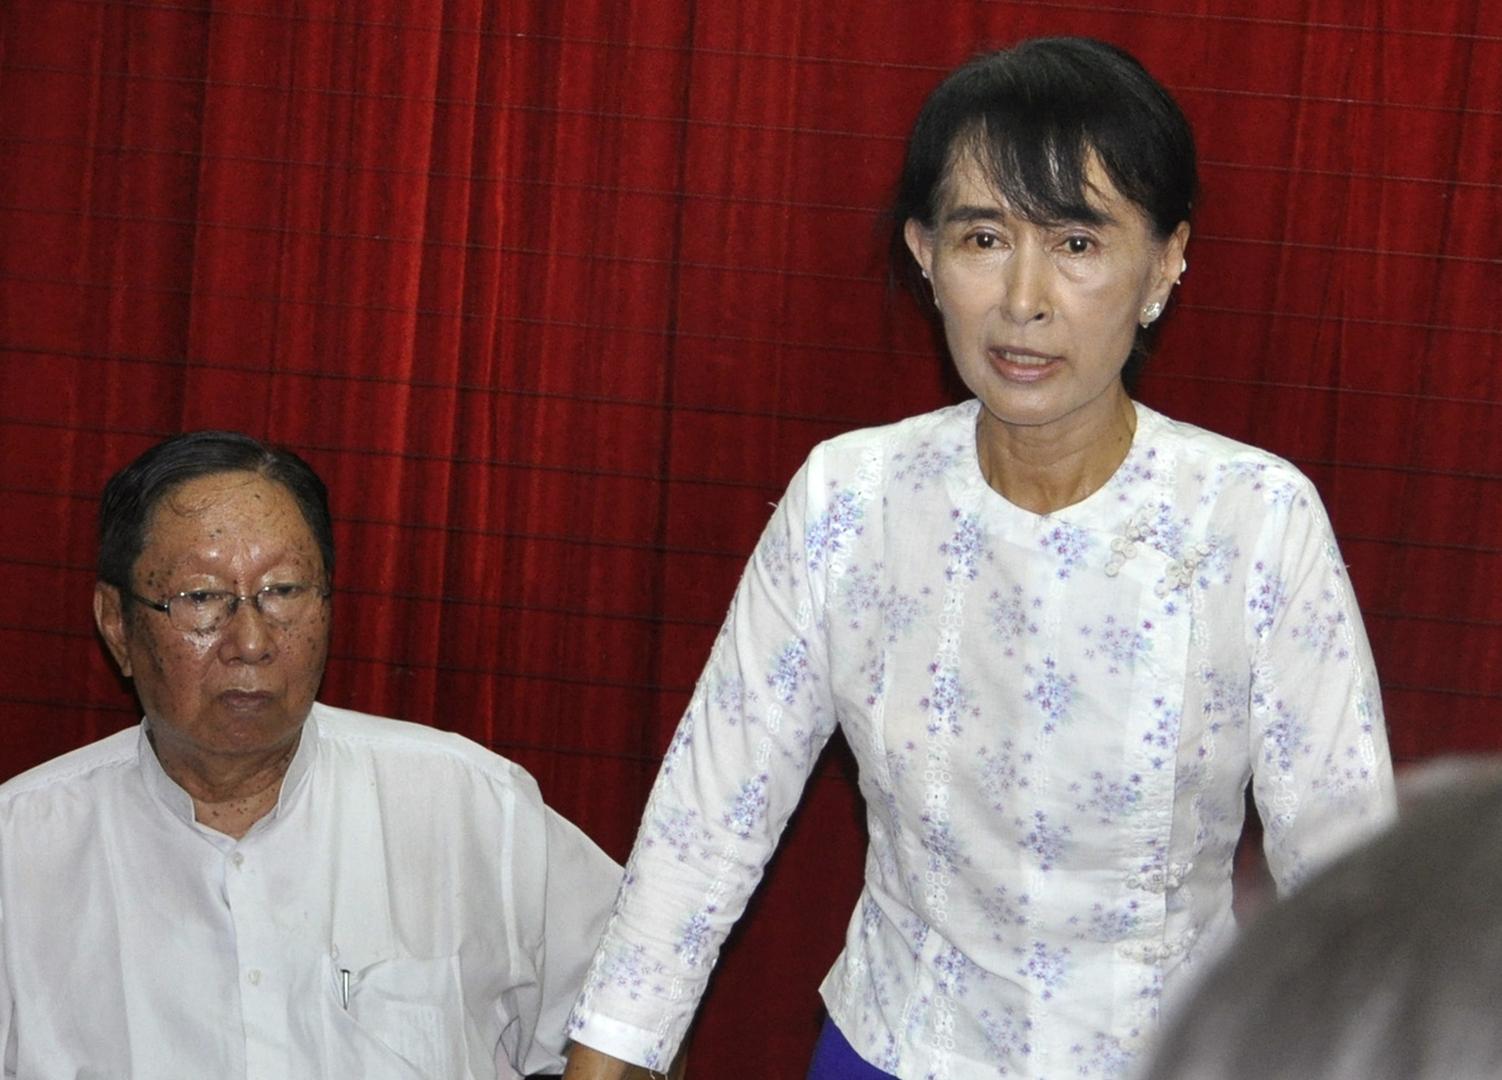 داخل سجنه.. وفاة كبير مستشاري زعيمة ميانمار المخلوعة بسبب كوفيد